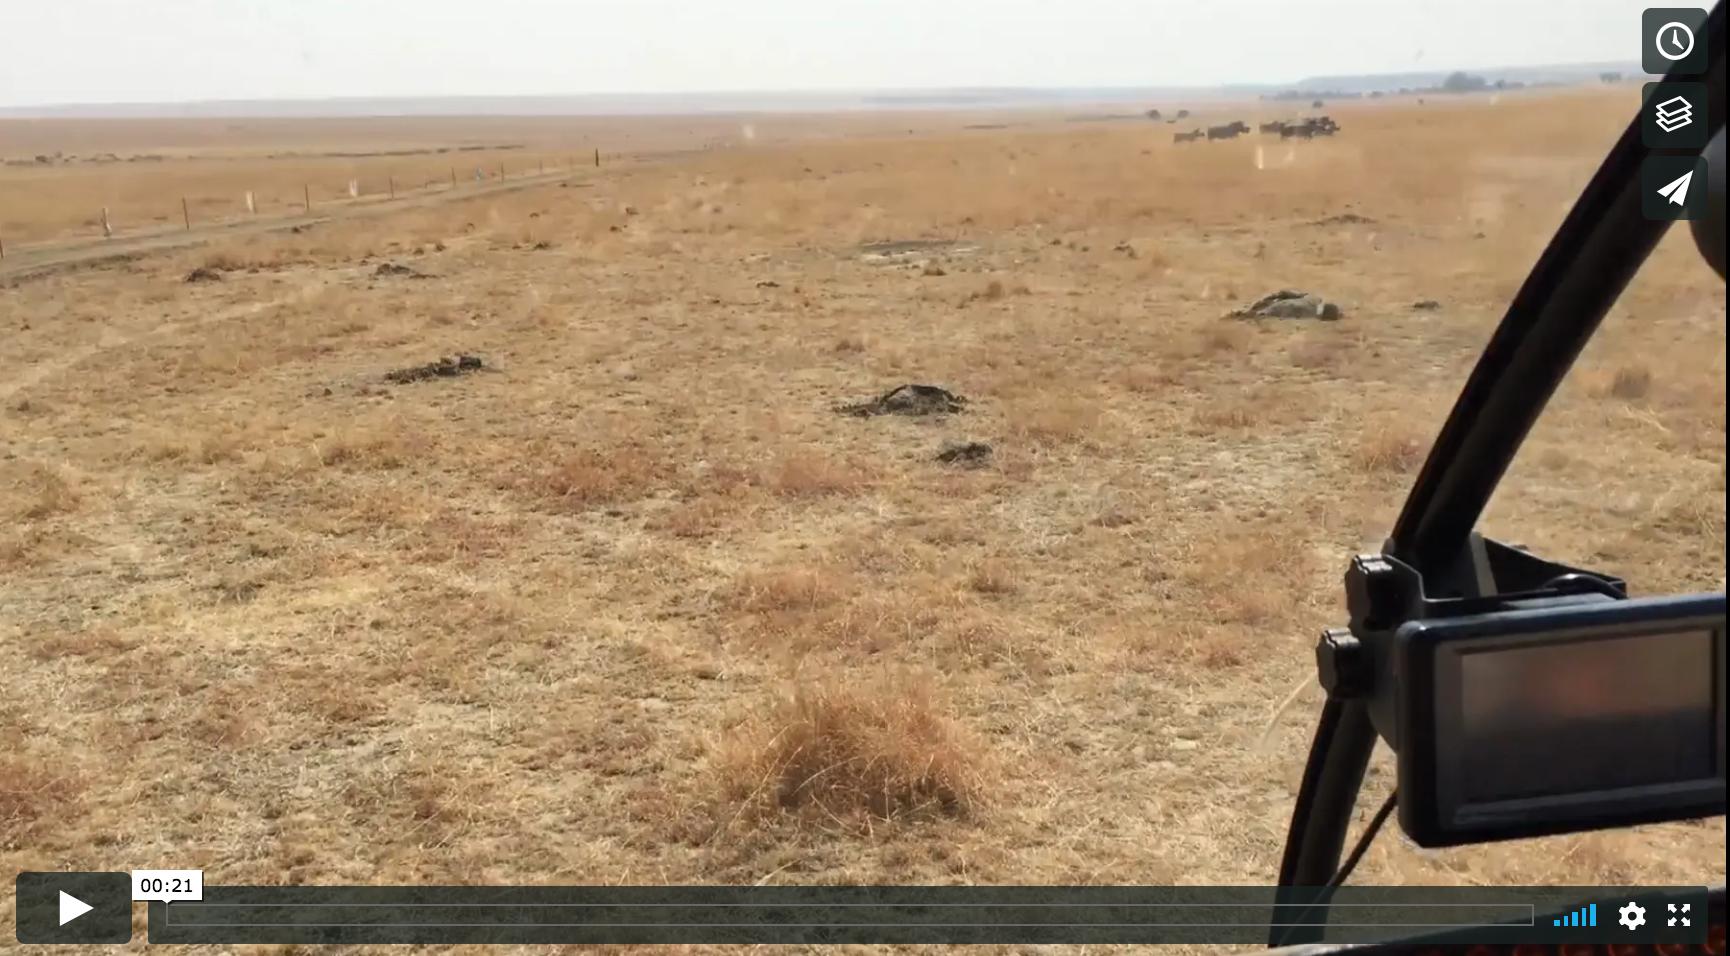 Vimeo - Rhino Relocation, South Africa © Jason Florio